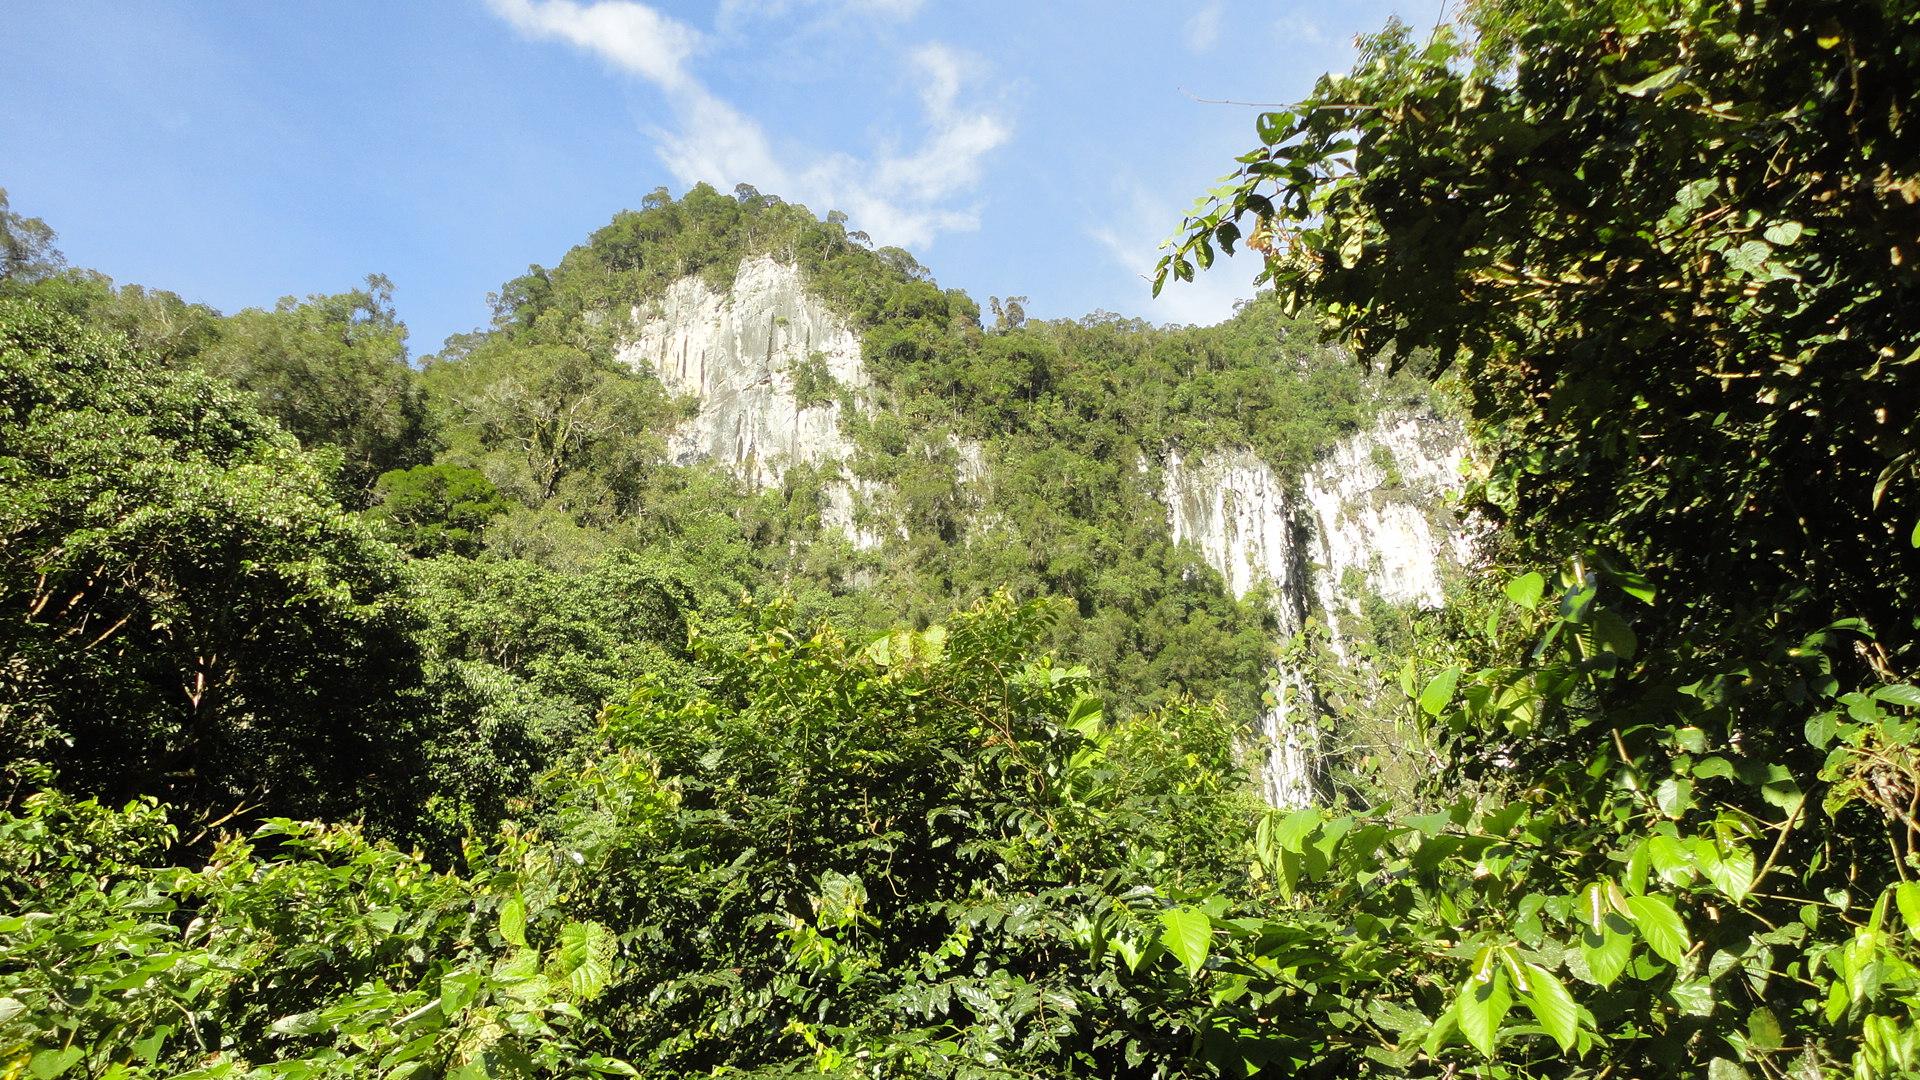 熱帯雨林の深い森に多くの洞窟が隠れているムル国立公園